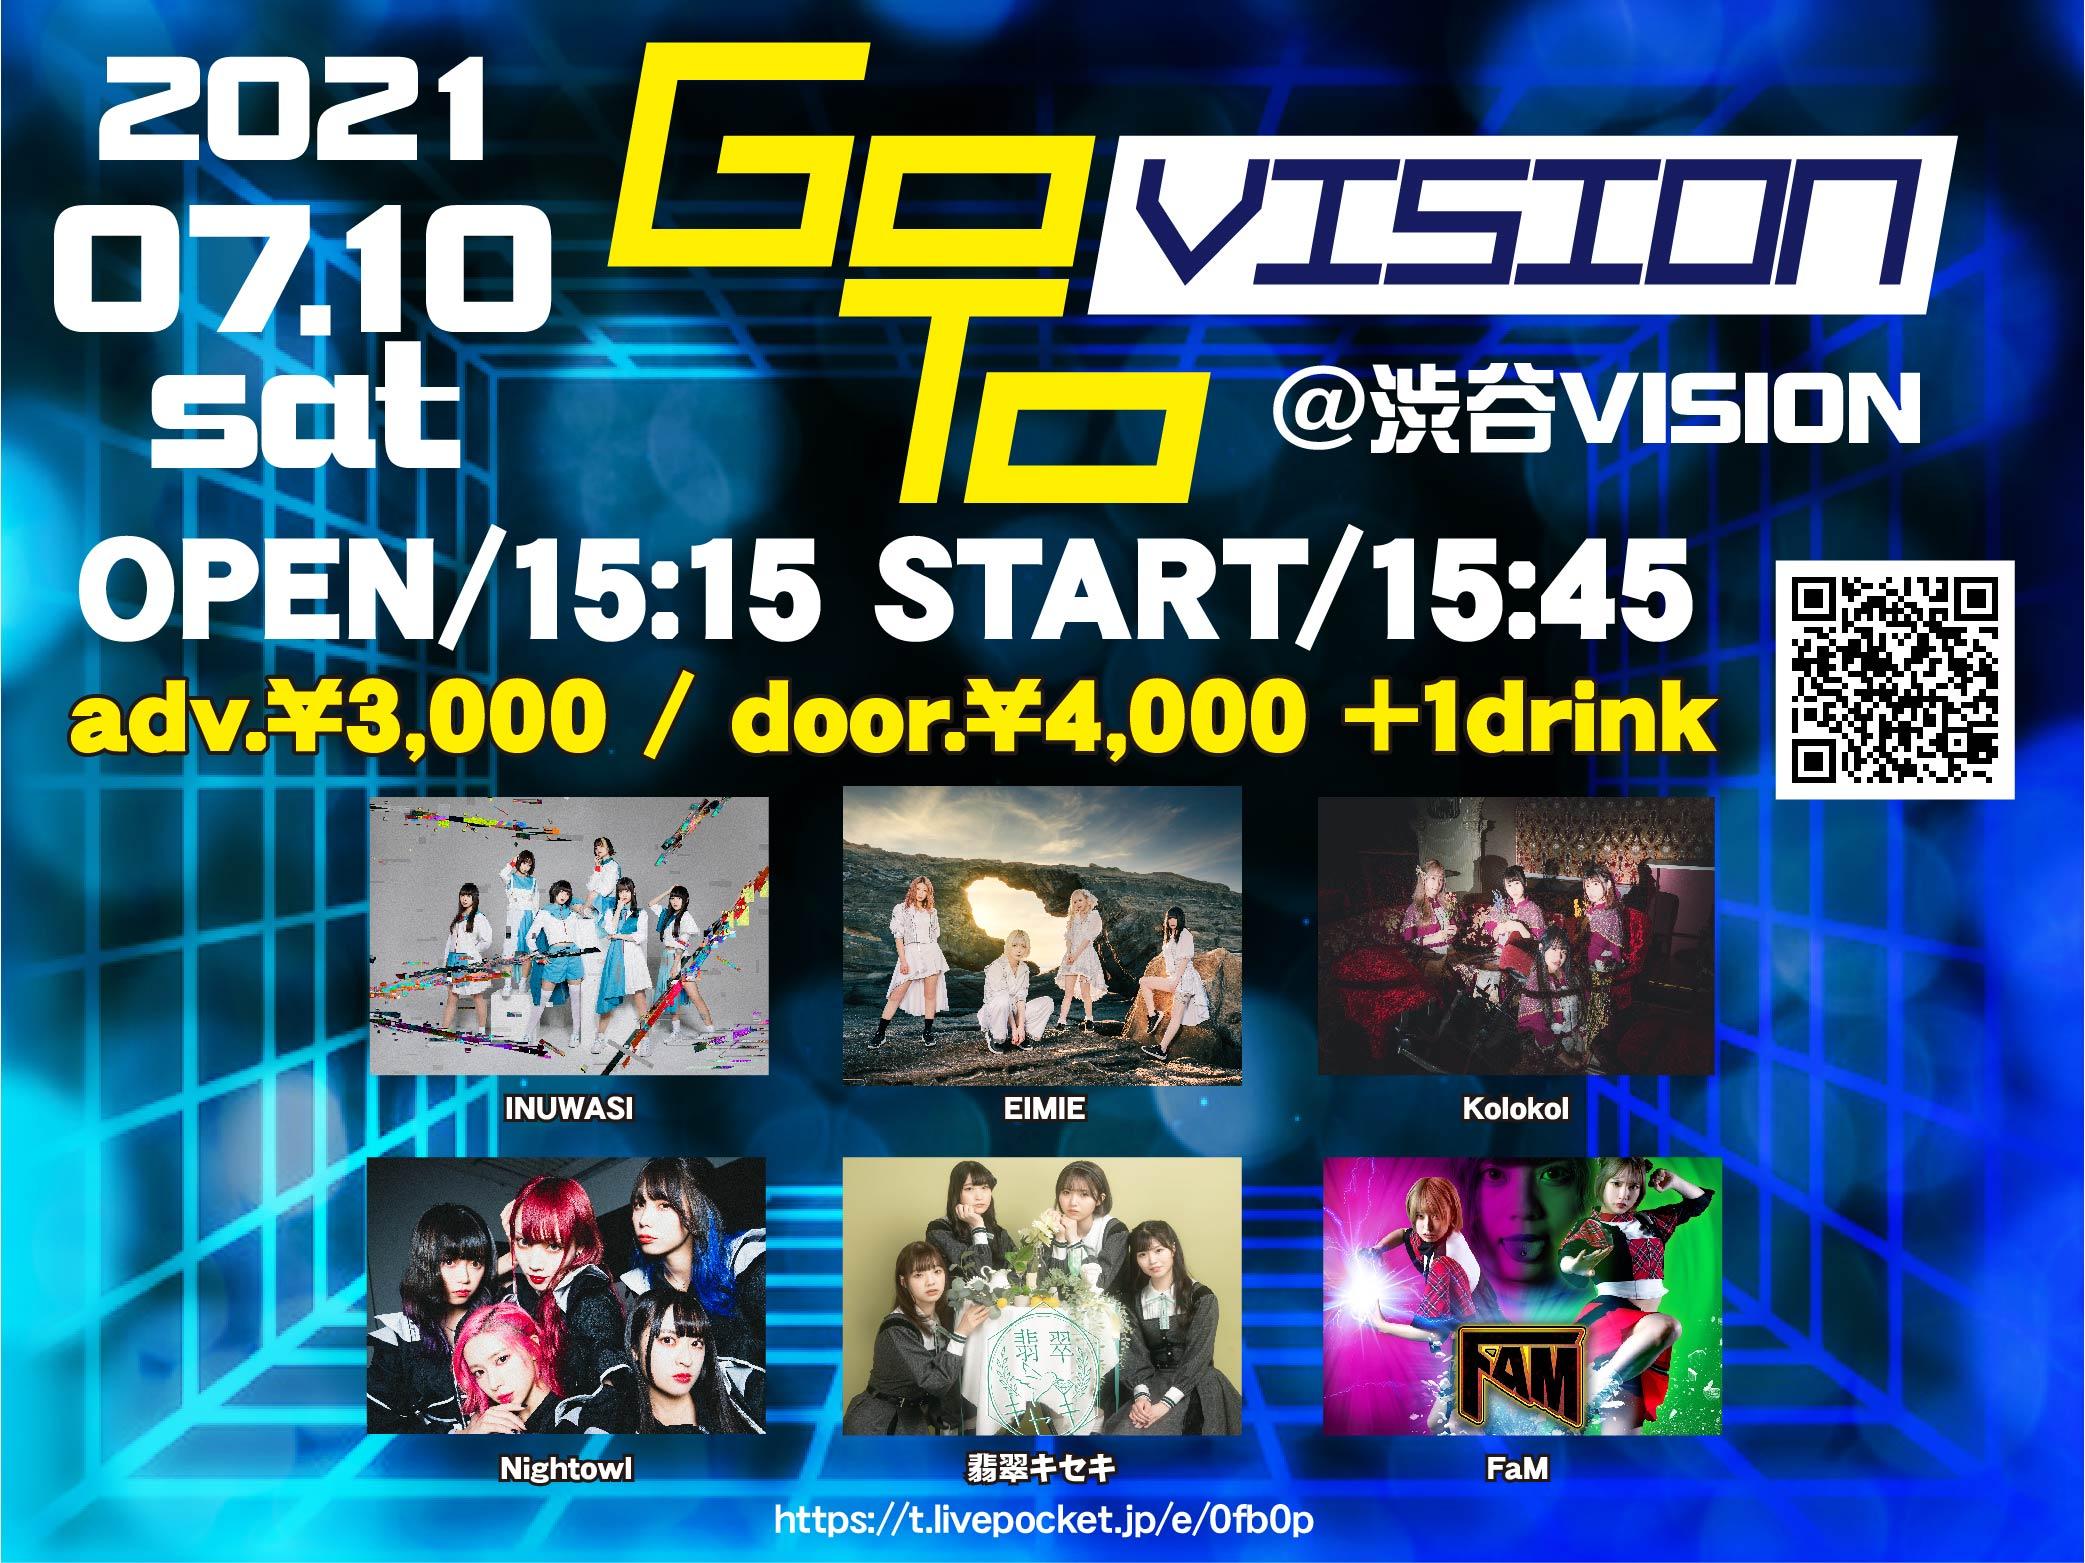 「GoTo VISION」